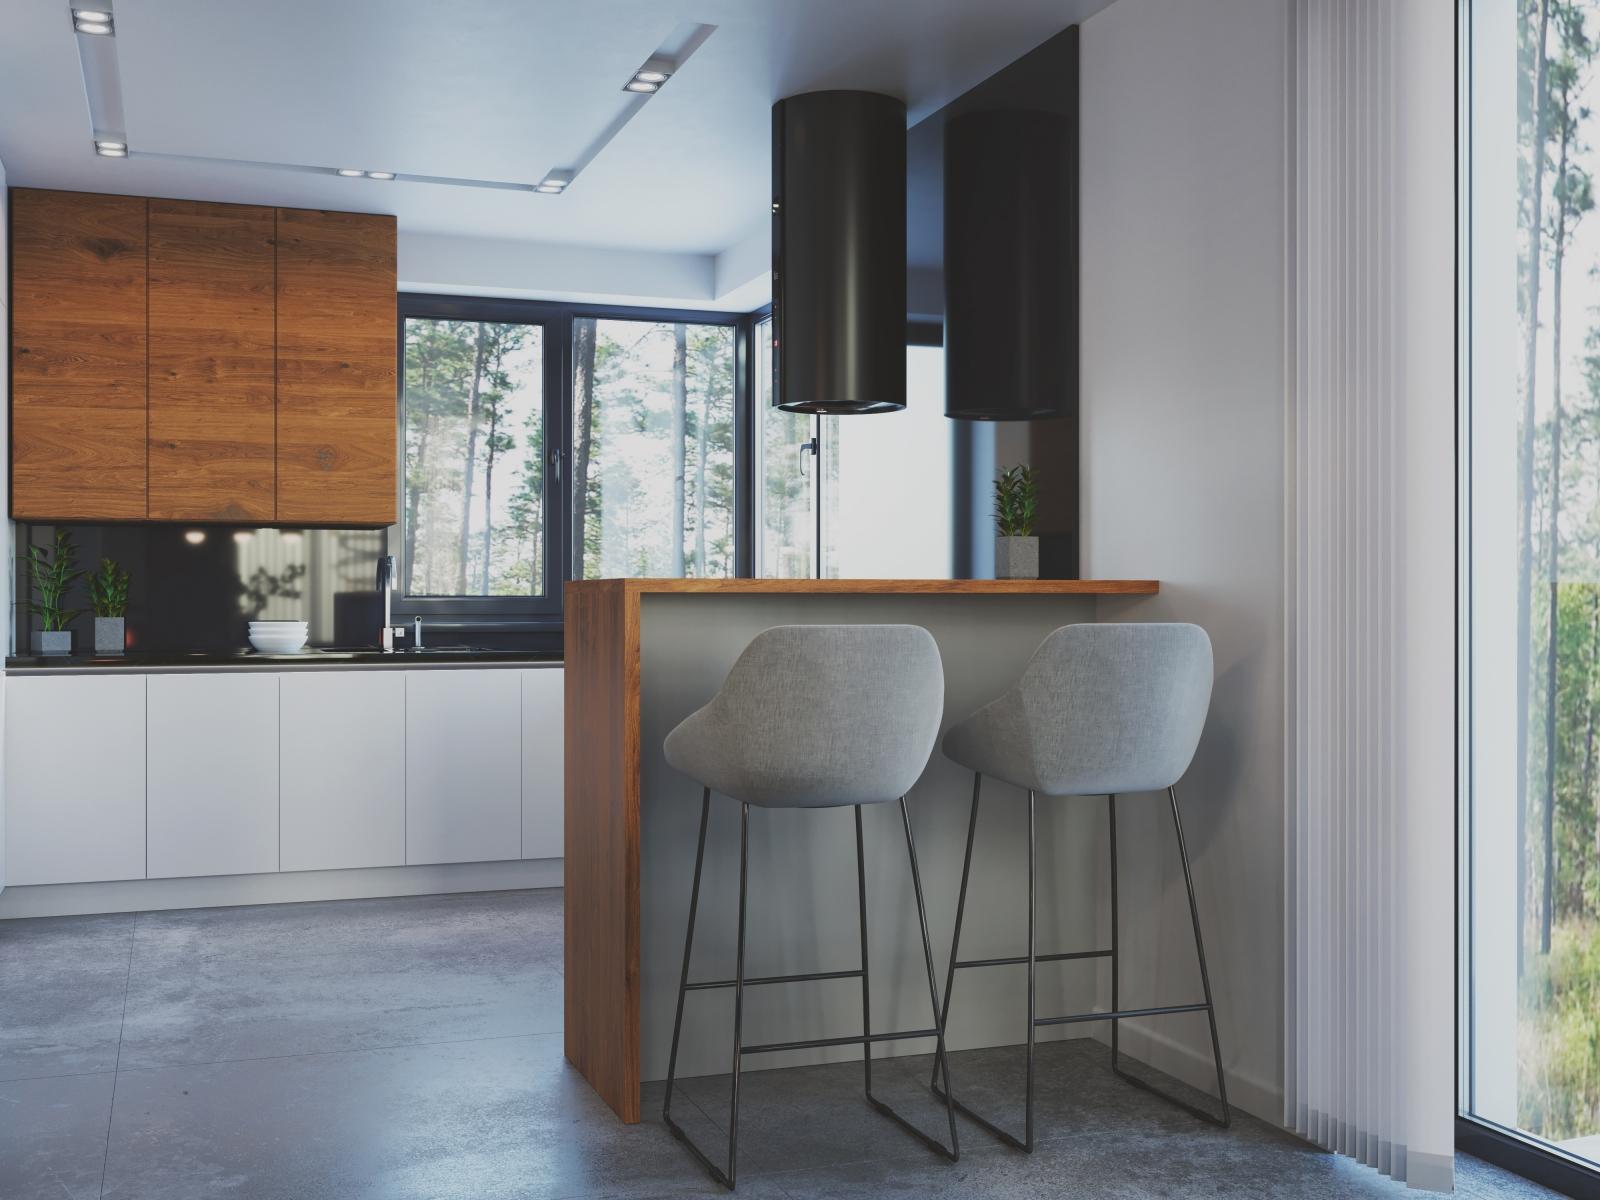 Visualization of kitchen